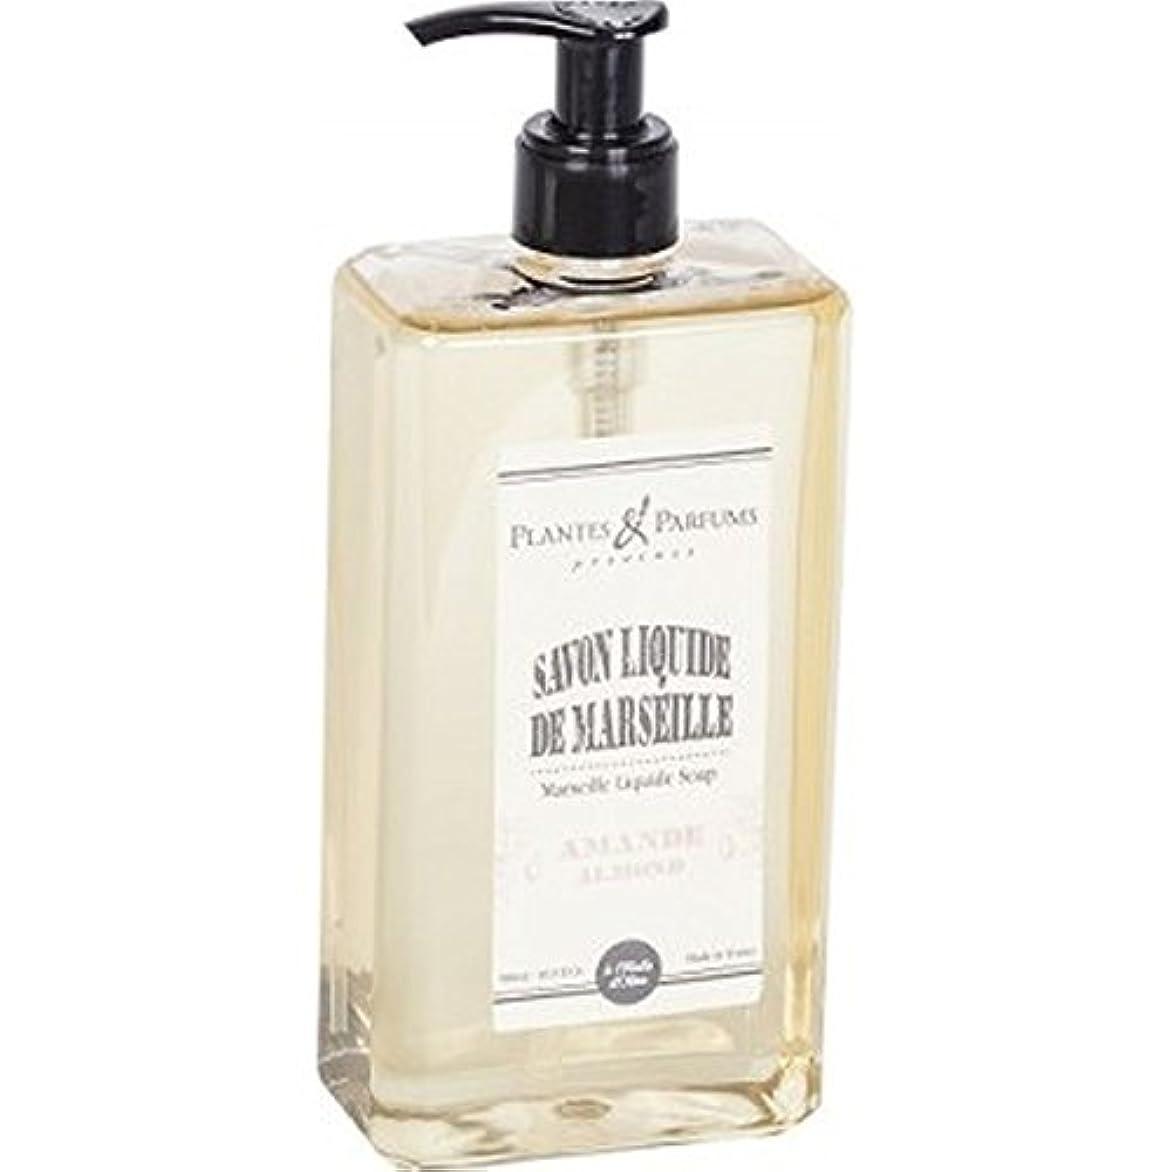 提案バルセロナ煙Plantes&Parfums [プランツ&パルファム] マルセイユリキッドソープ アーモンド